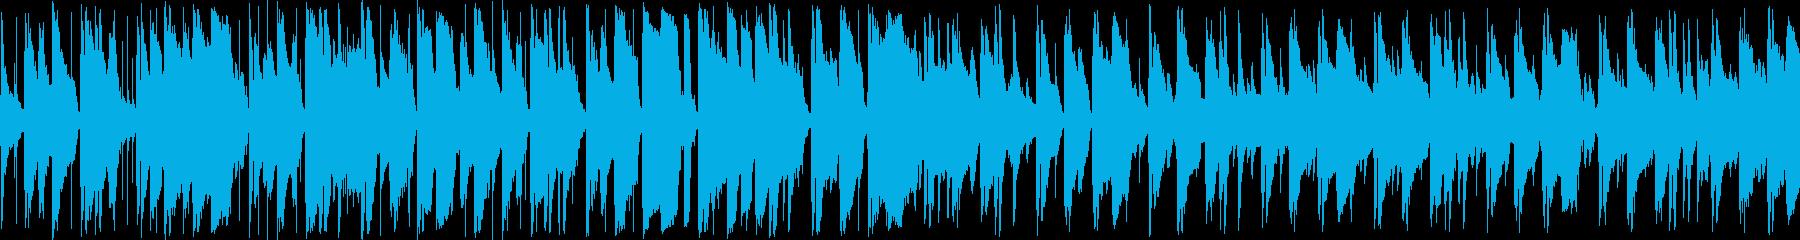 シンプルな構成の怪しくもおしゃれなジャズの再生済みの波形